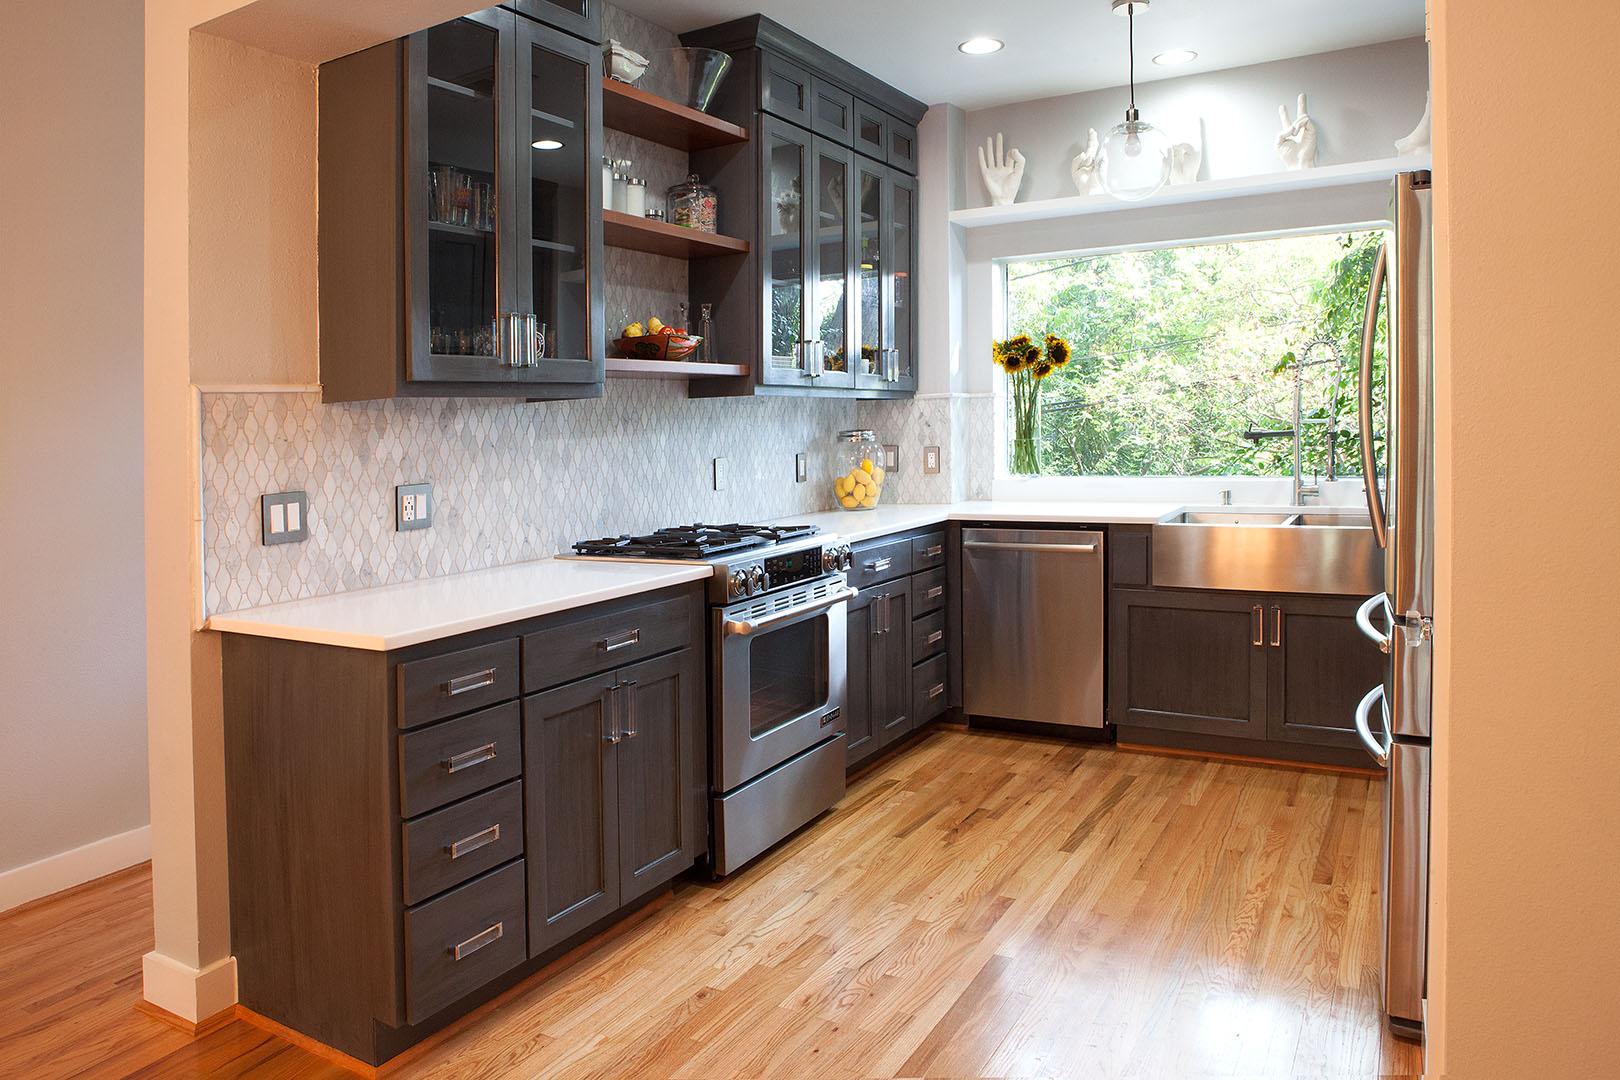 Kitchen interior design in Oakland, CA